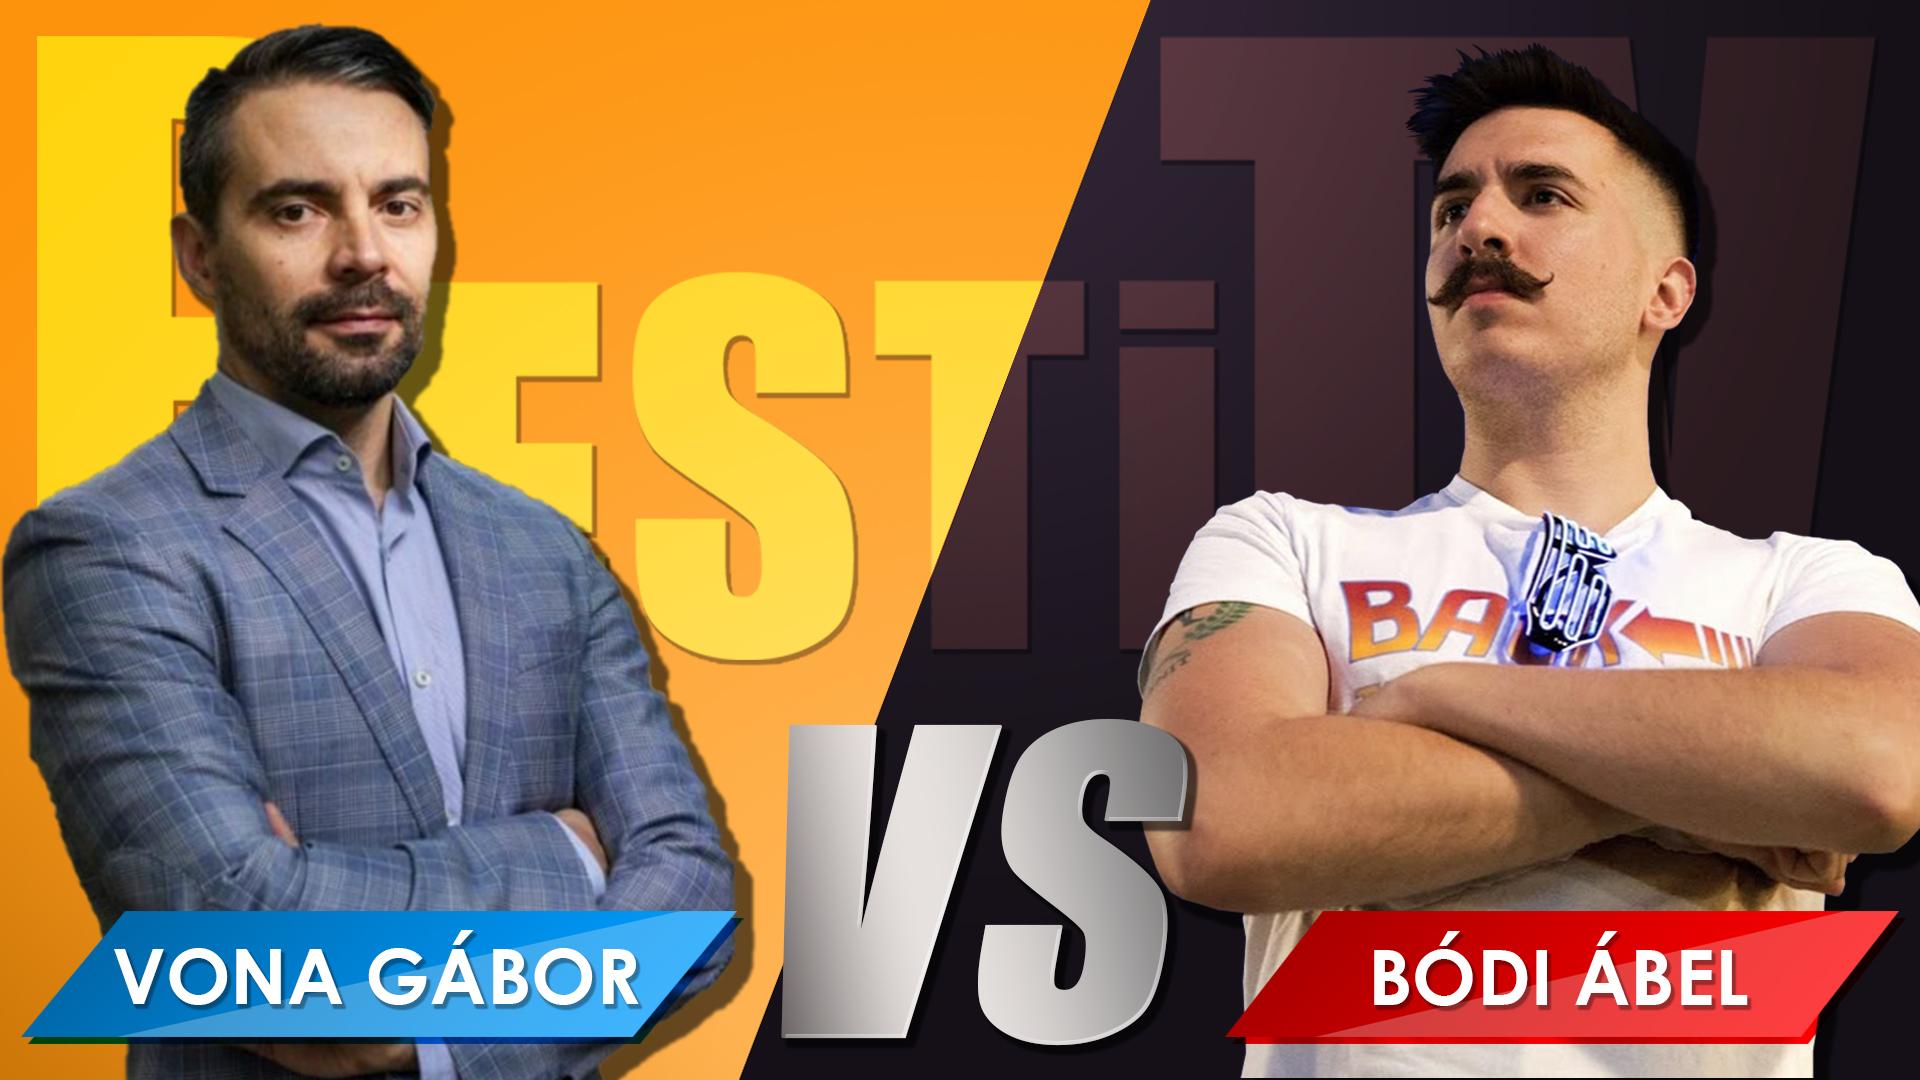 Vona Gábor VS Bódi Ábel - Szavazzunk a szavazatokról